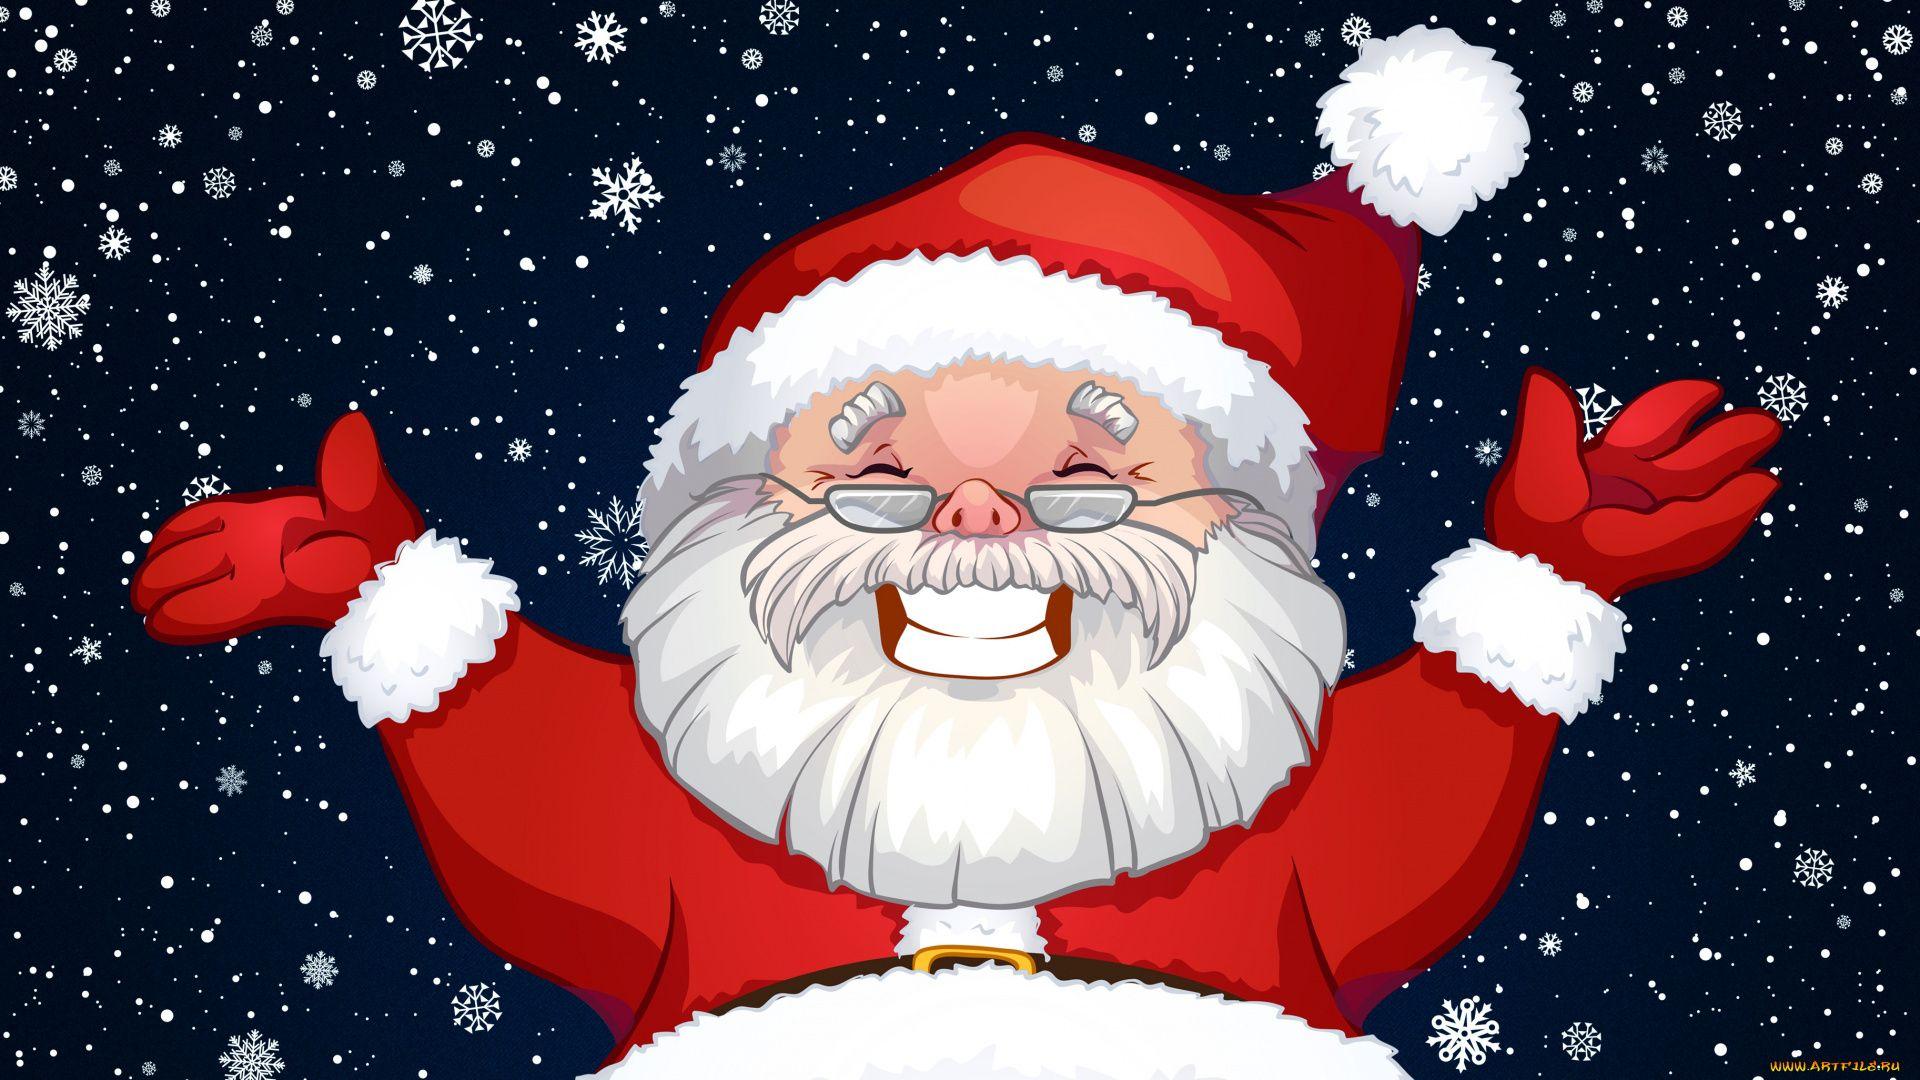 Santa Claus Picture